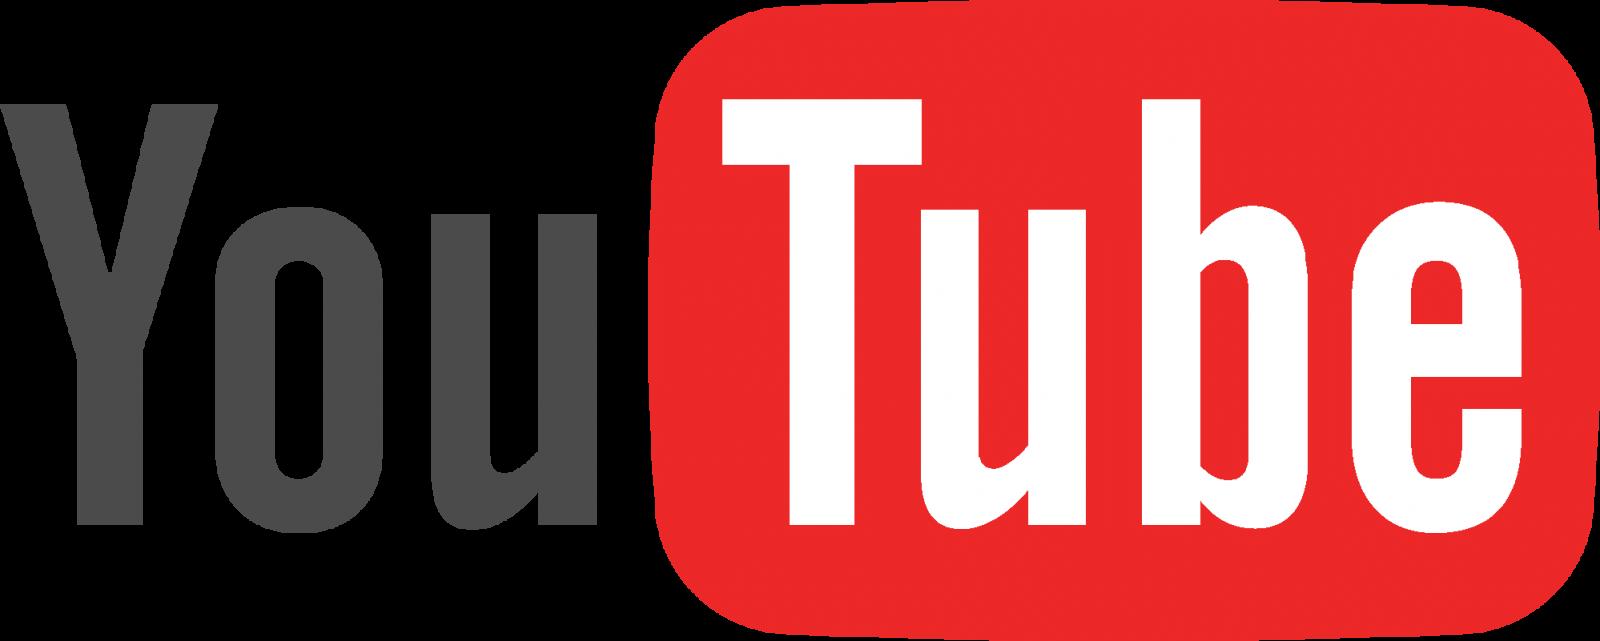 Youtube images png. Image logo wikianimate wiki